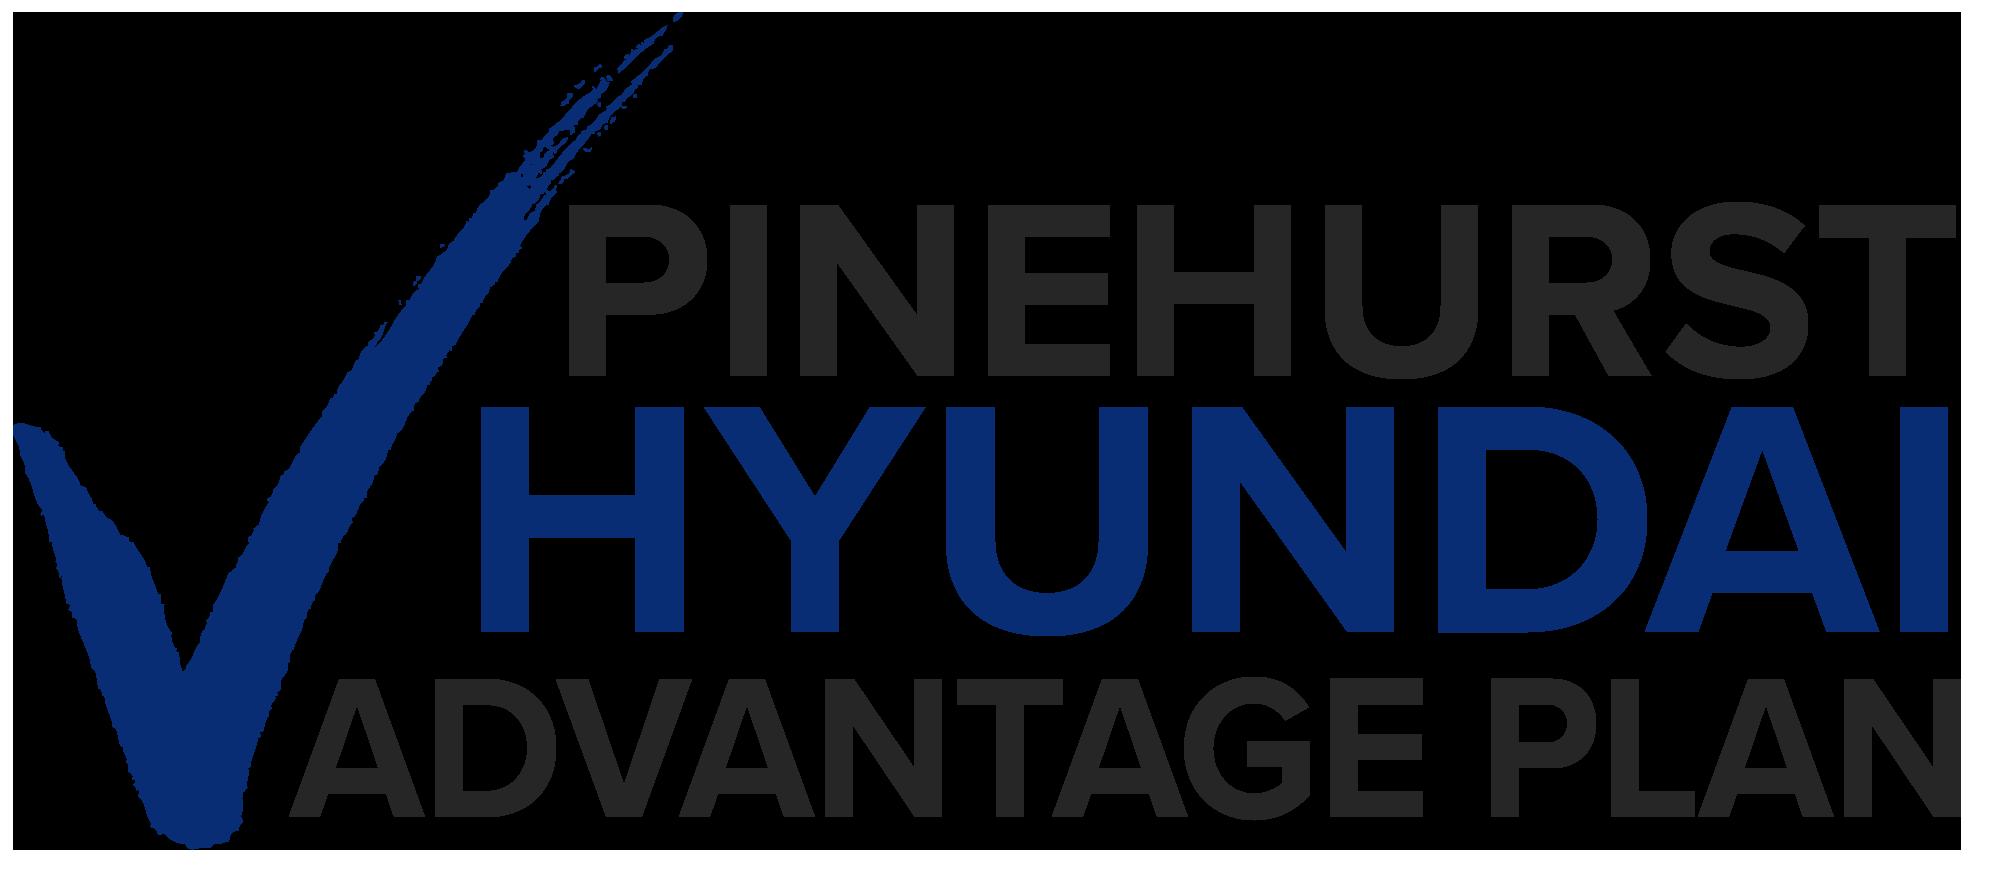 advantage plan at pinehurst hyundai of southern pines nc